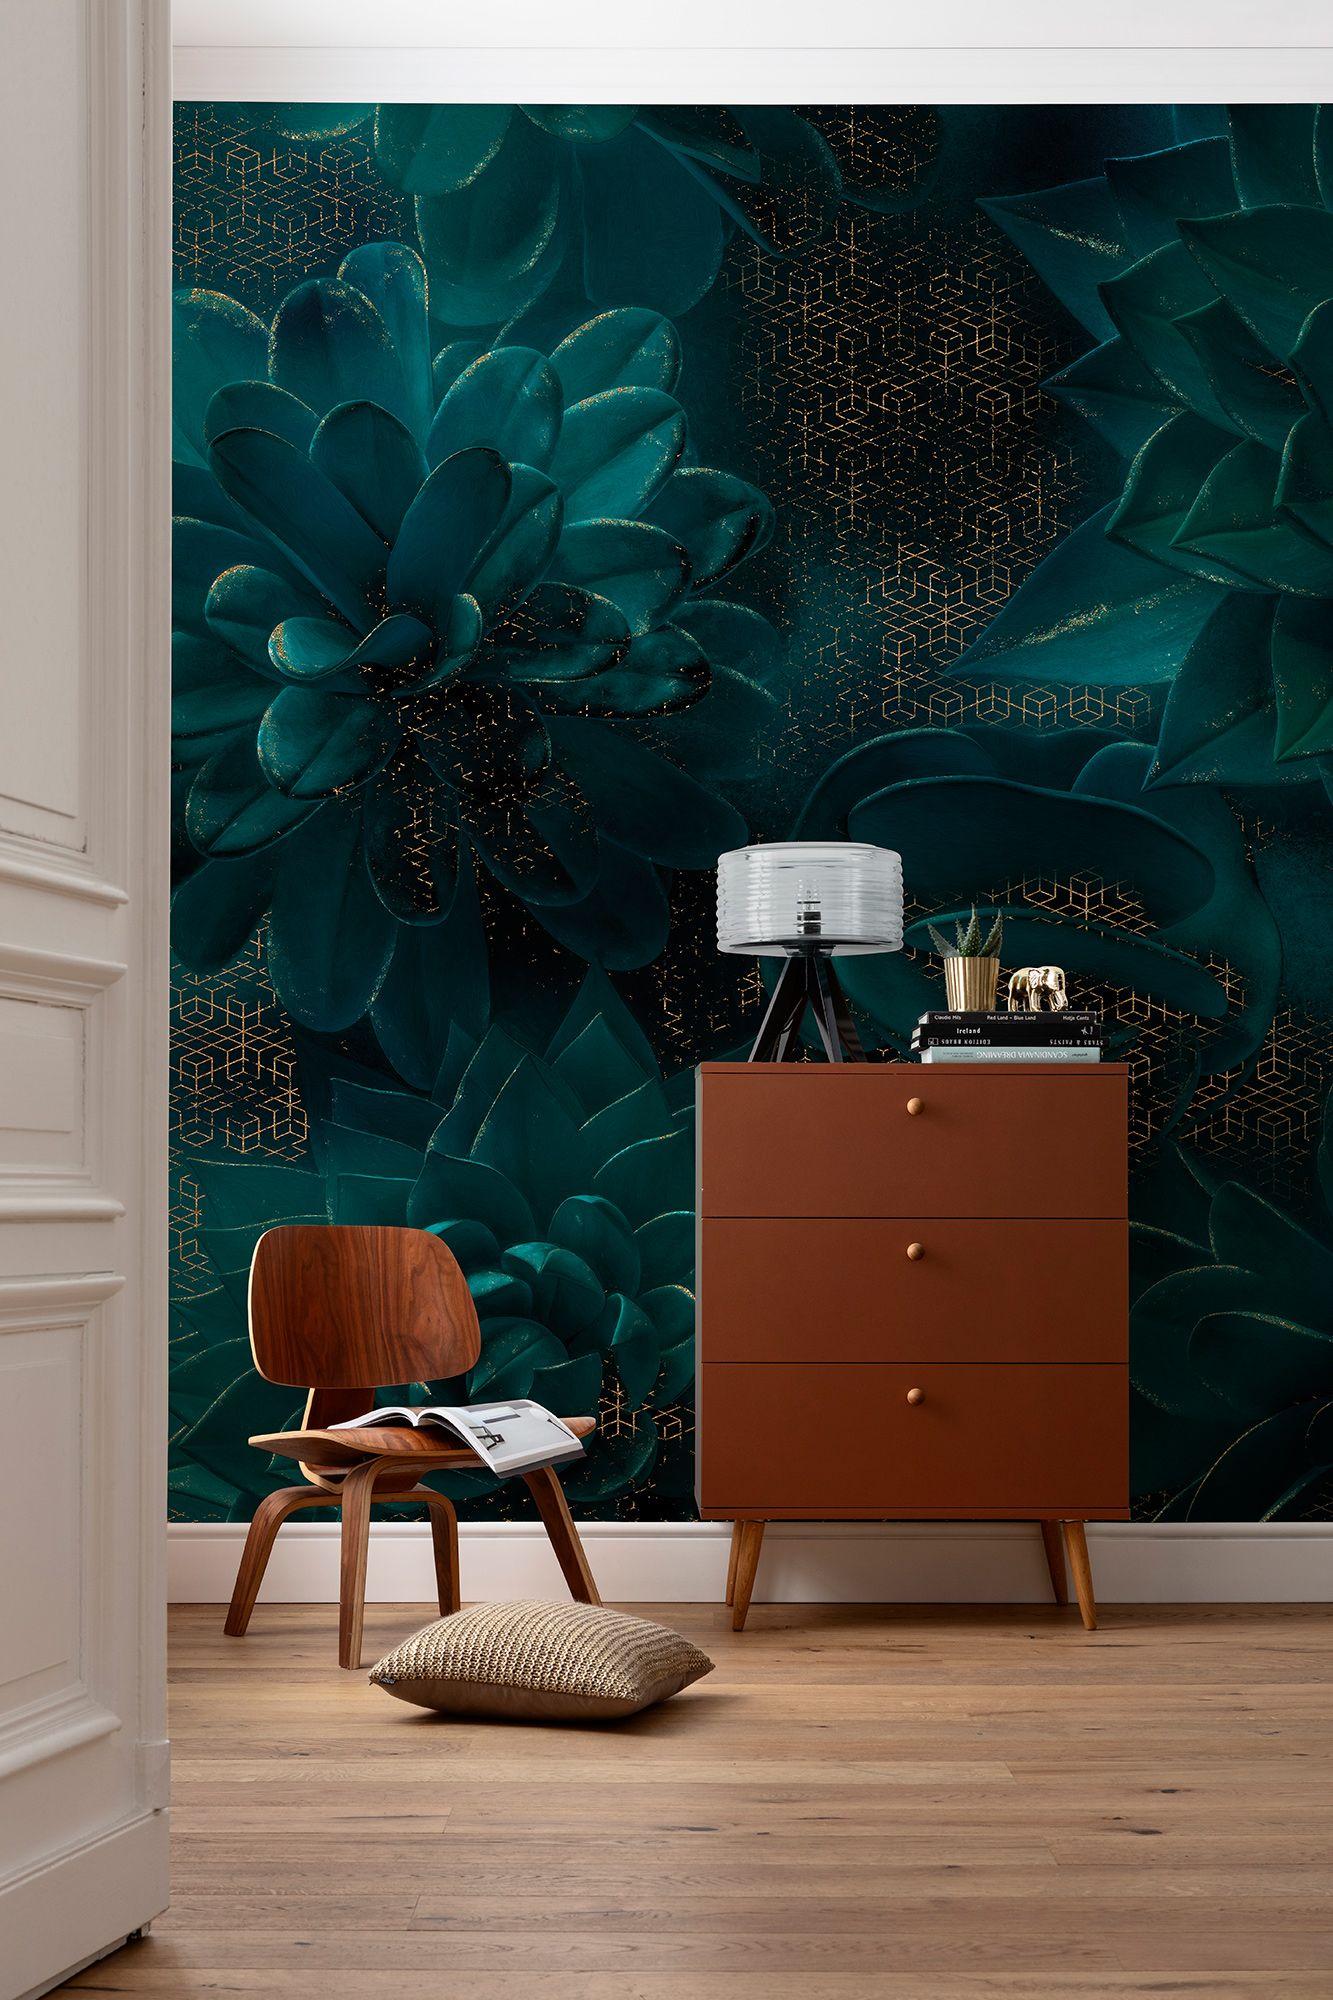 Vliestapete Ombres Von Komar In 2020 Tapete Wohnzimmer Tapete Petrol Schoner Wohnen Farbe